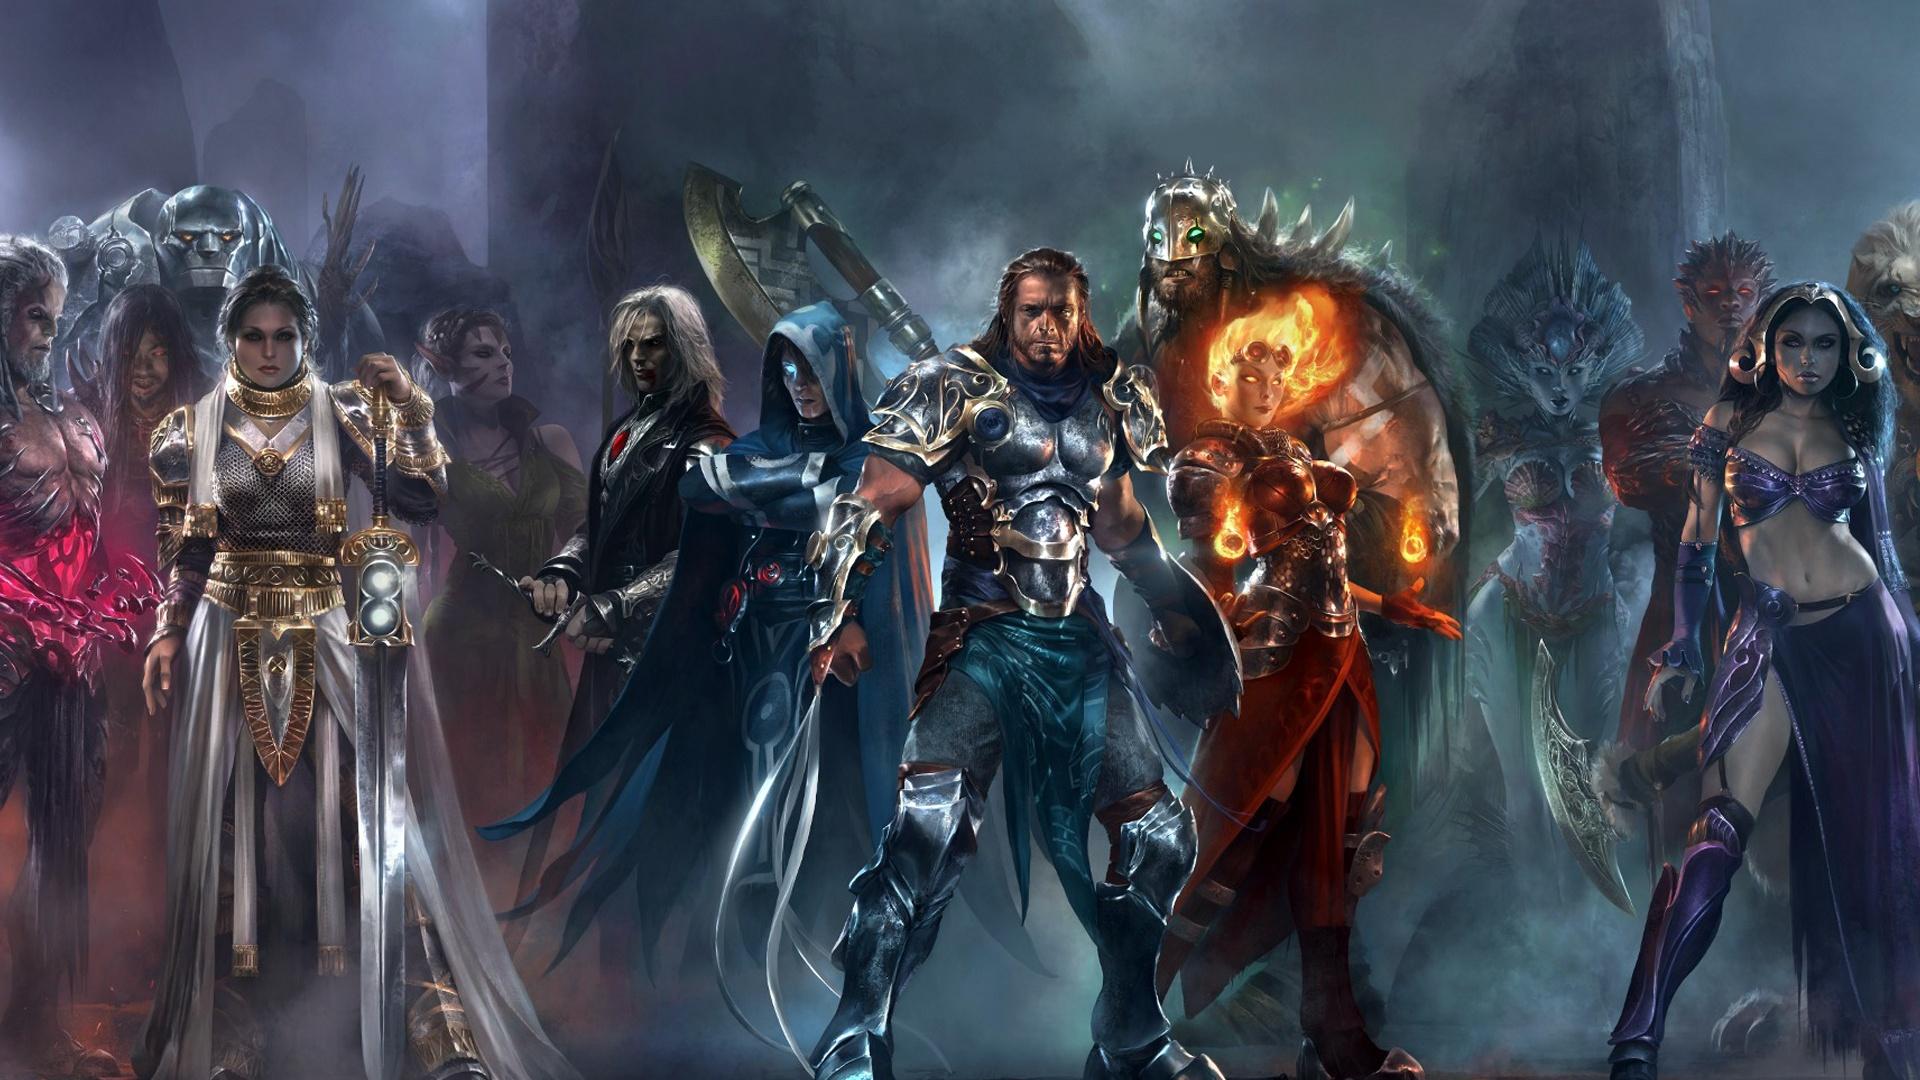 Cryptic Studios, разработчики Neverwinter, давно и упорно работают над RPG основанной на Magic: The Gathering, стратегической карточной игре от Wizards of the Coast. Планируется, что это будет RPG игра AAA […]